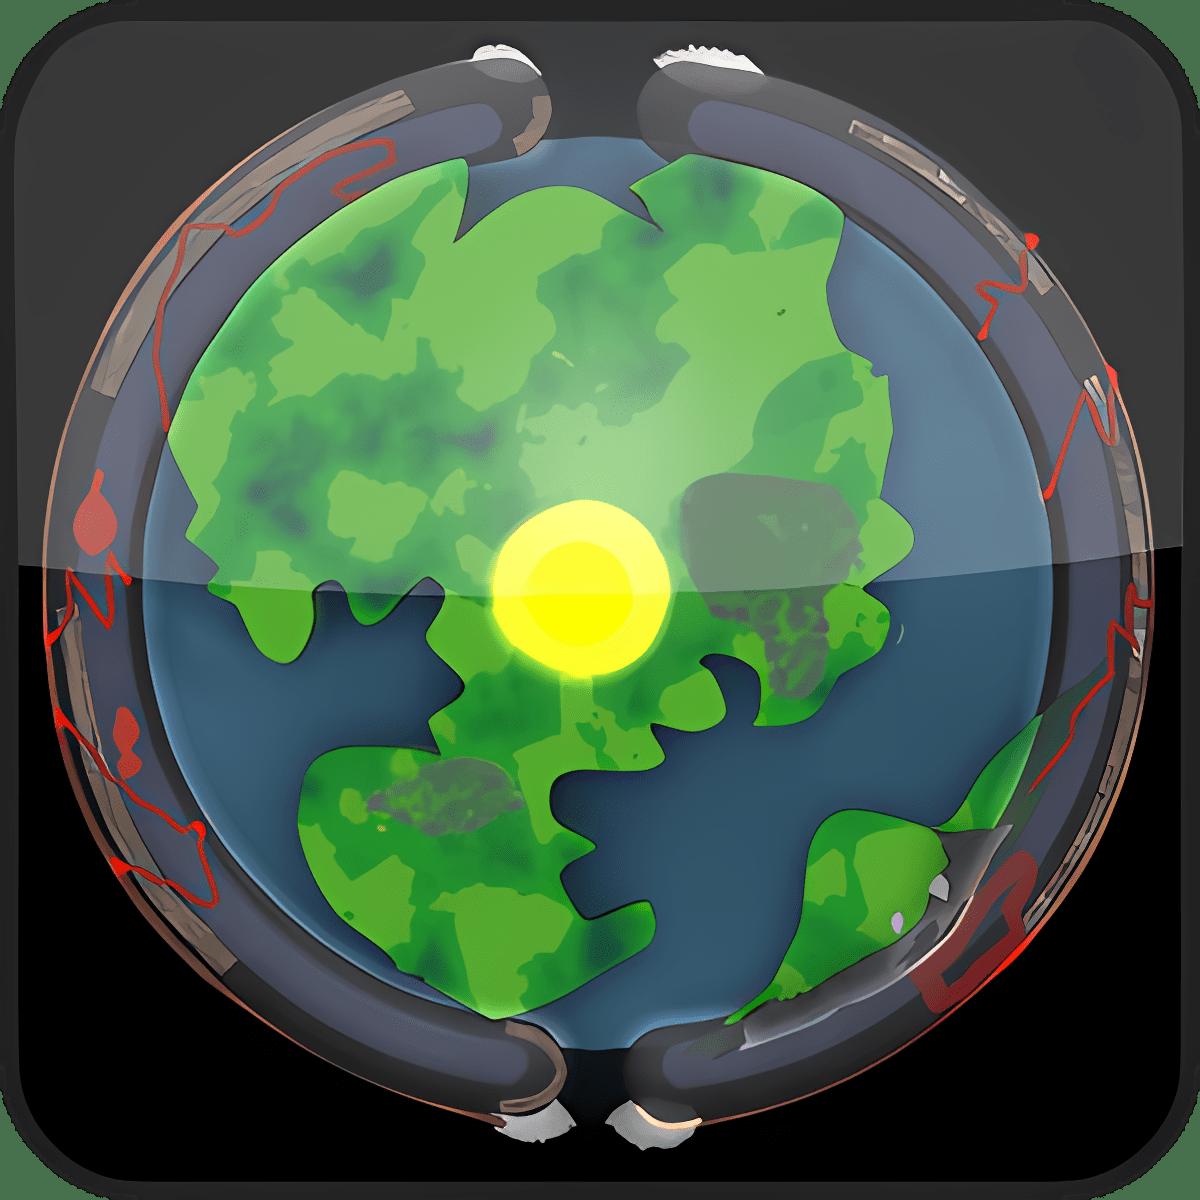 Agartha - Hollow Earth